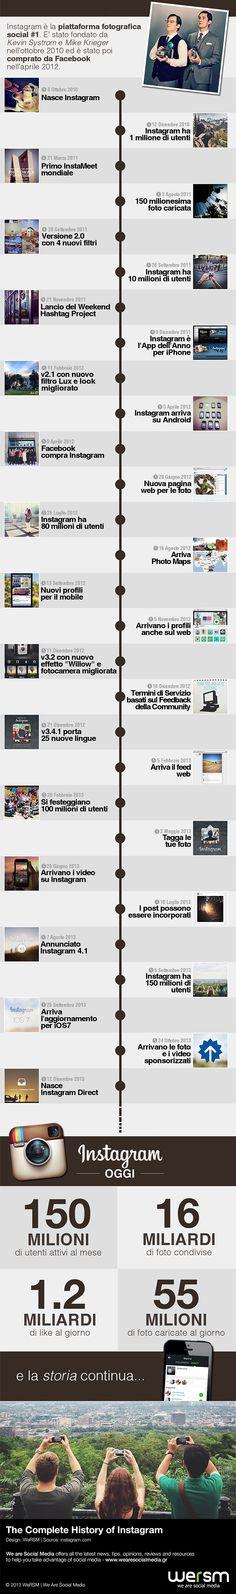 Tutta la vita di Instagram in una infografica. Dal 2010 a oggi cosa è cambiato? #Instagram #infografica